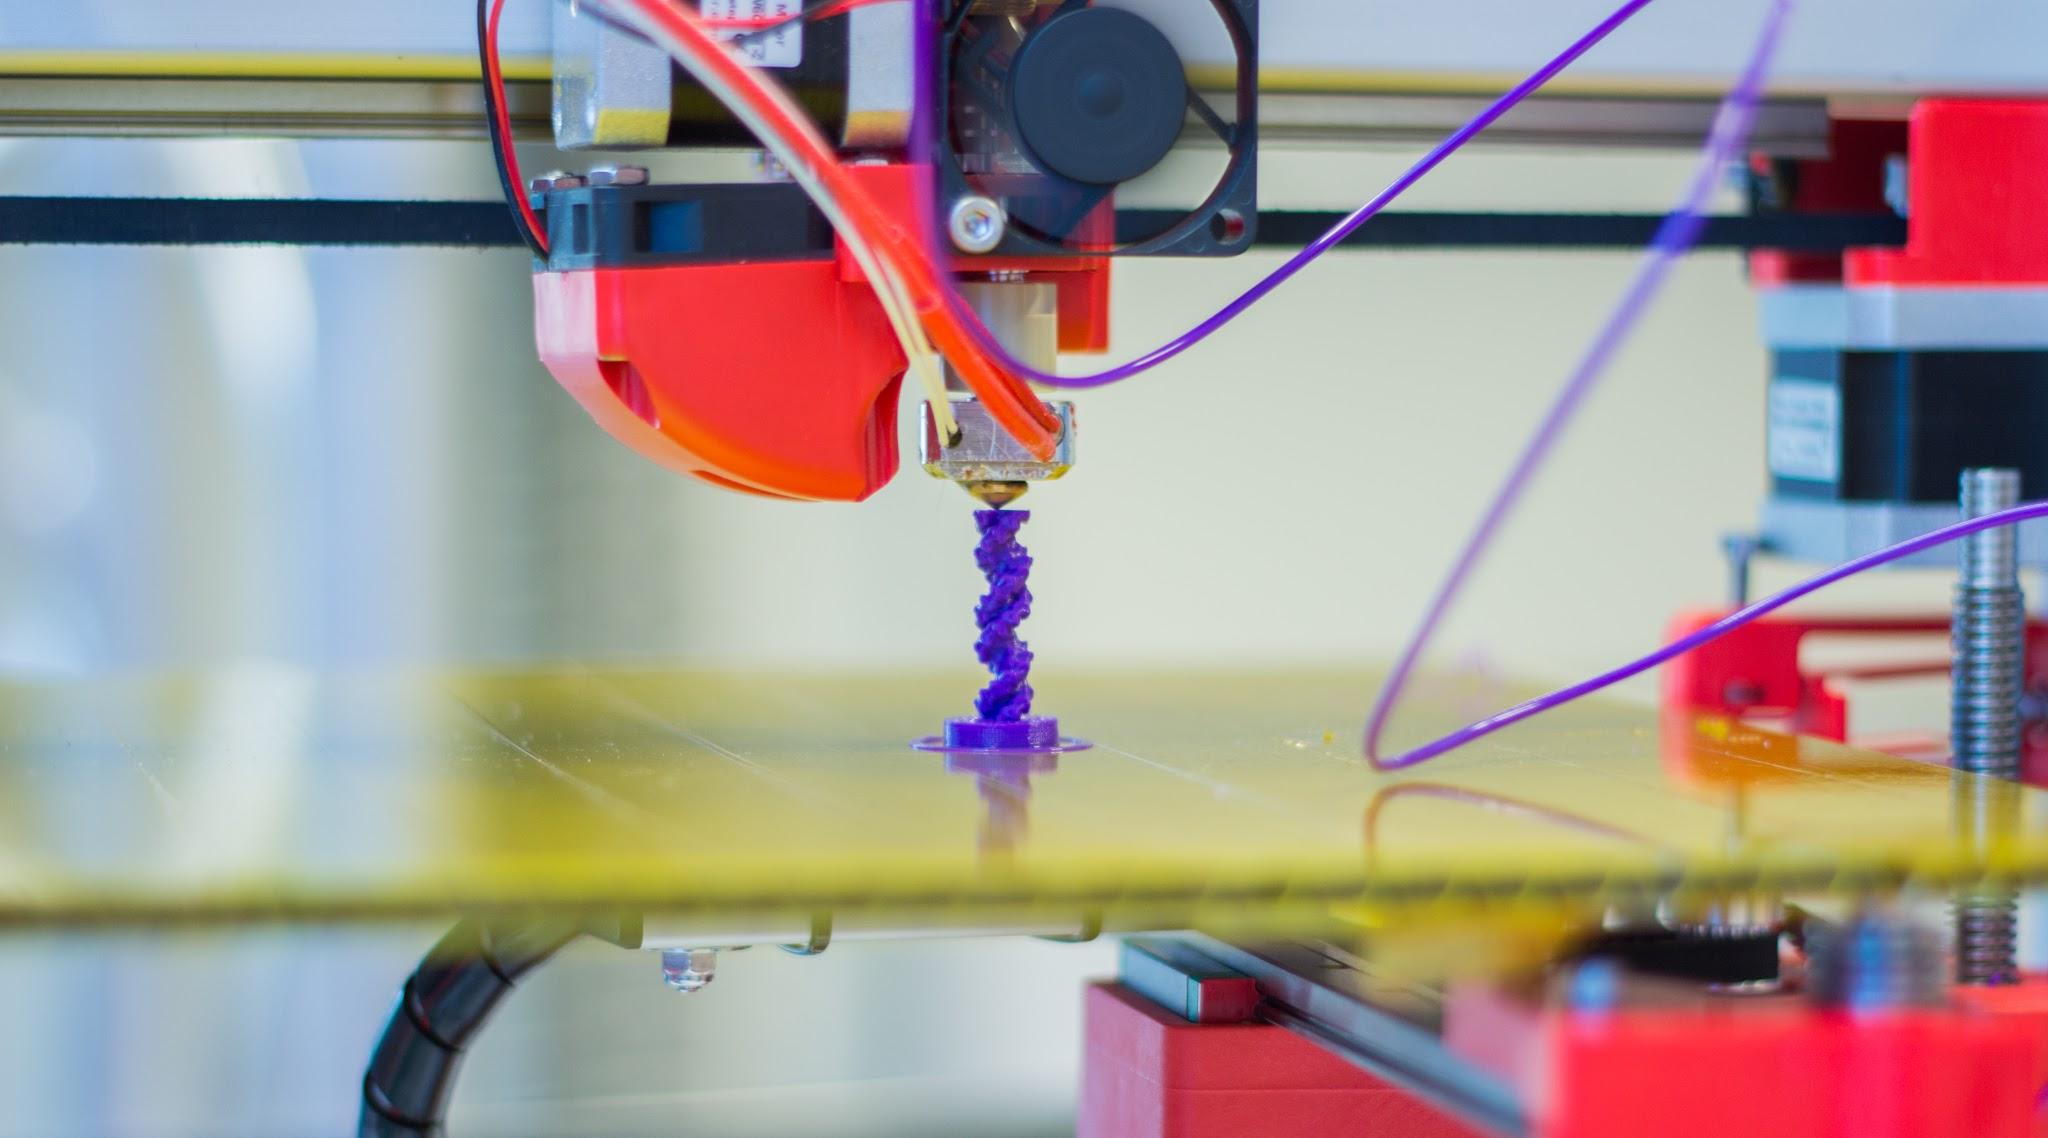 5 Rekomendasi Printer 3D Terbaik Harga Terjangkau Murah dan Berkualitas | BangNagol.eu.org